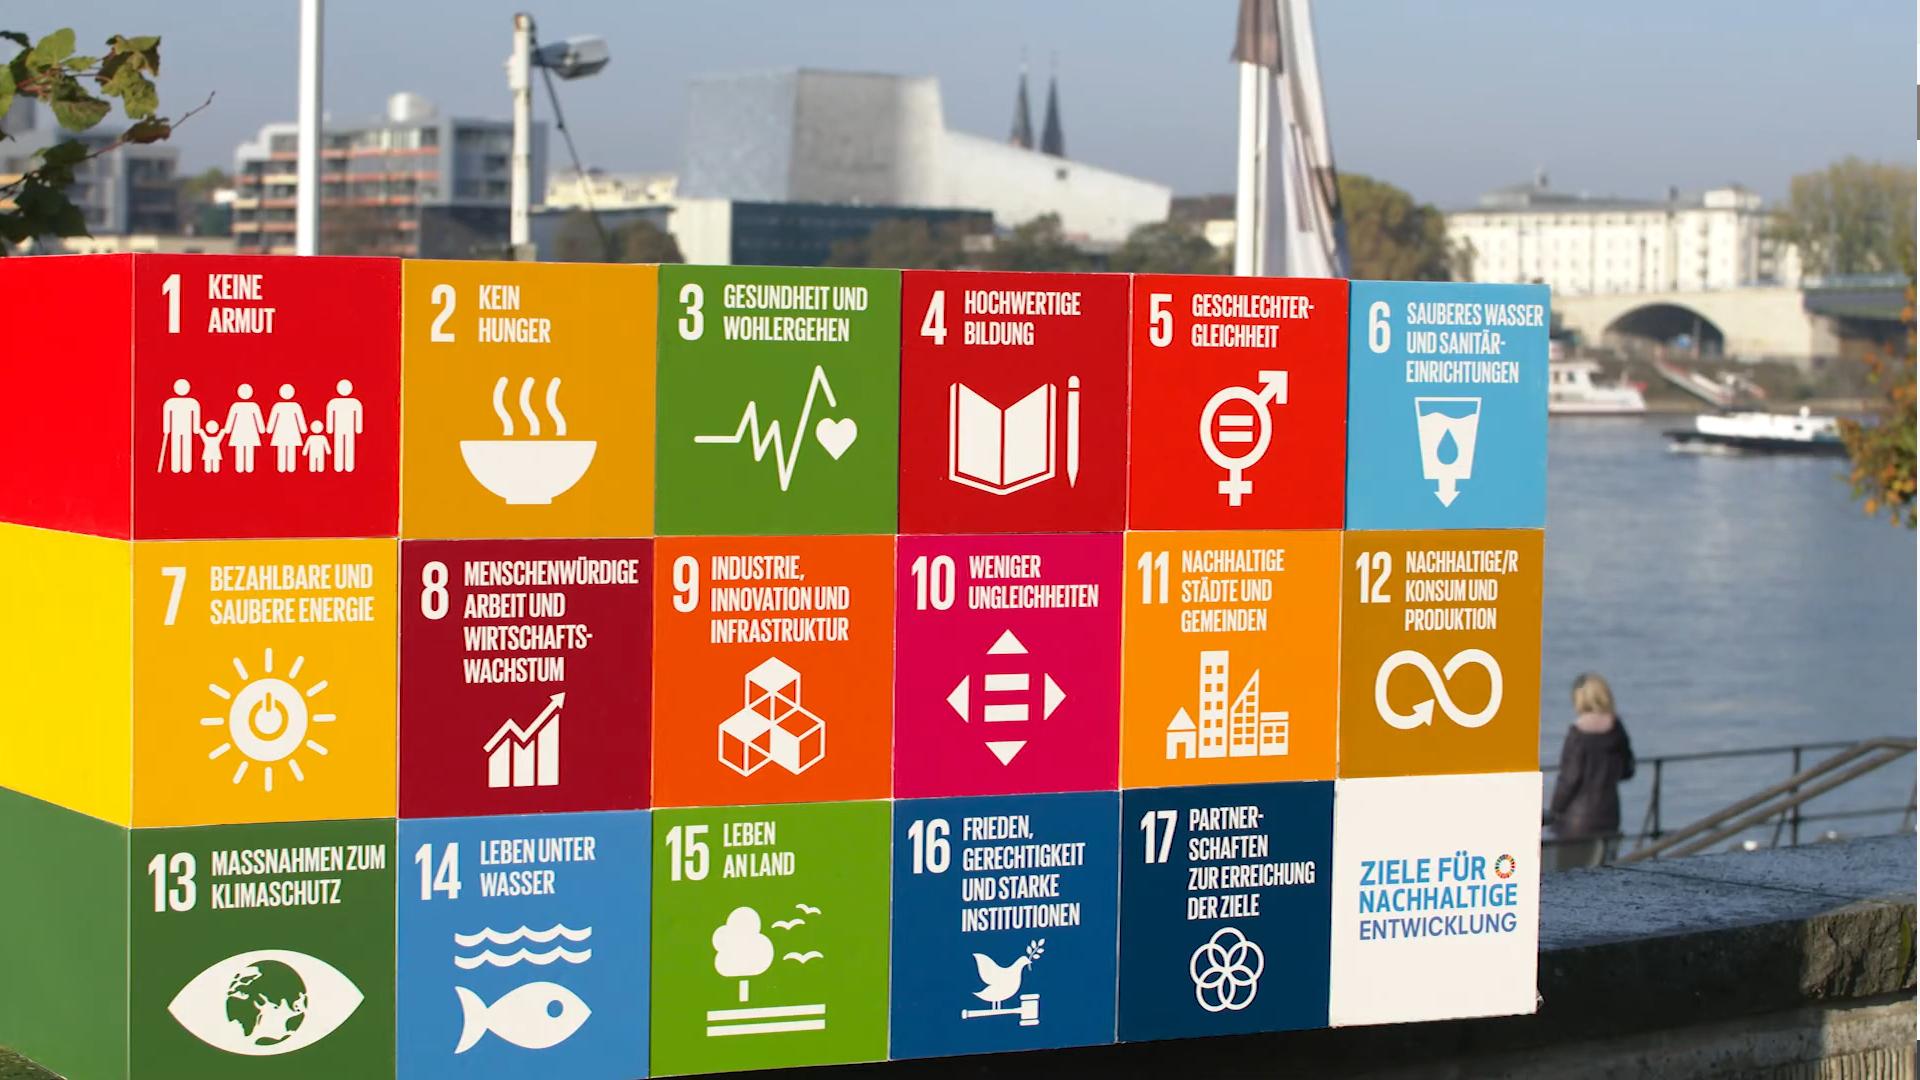 Standbild aus dem Video zur Bonner Nachhaltigkeitsstrategie